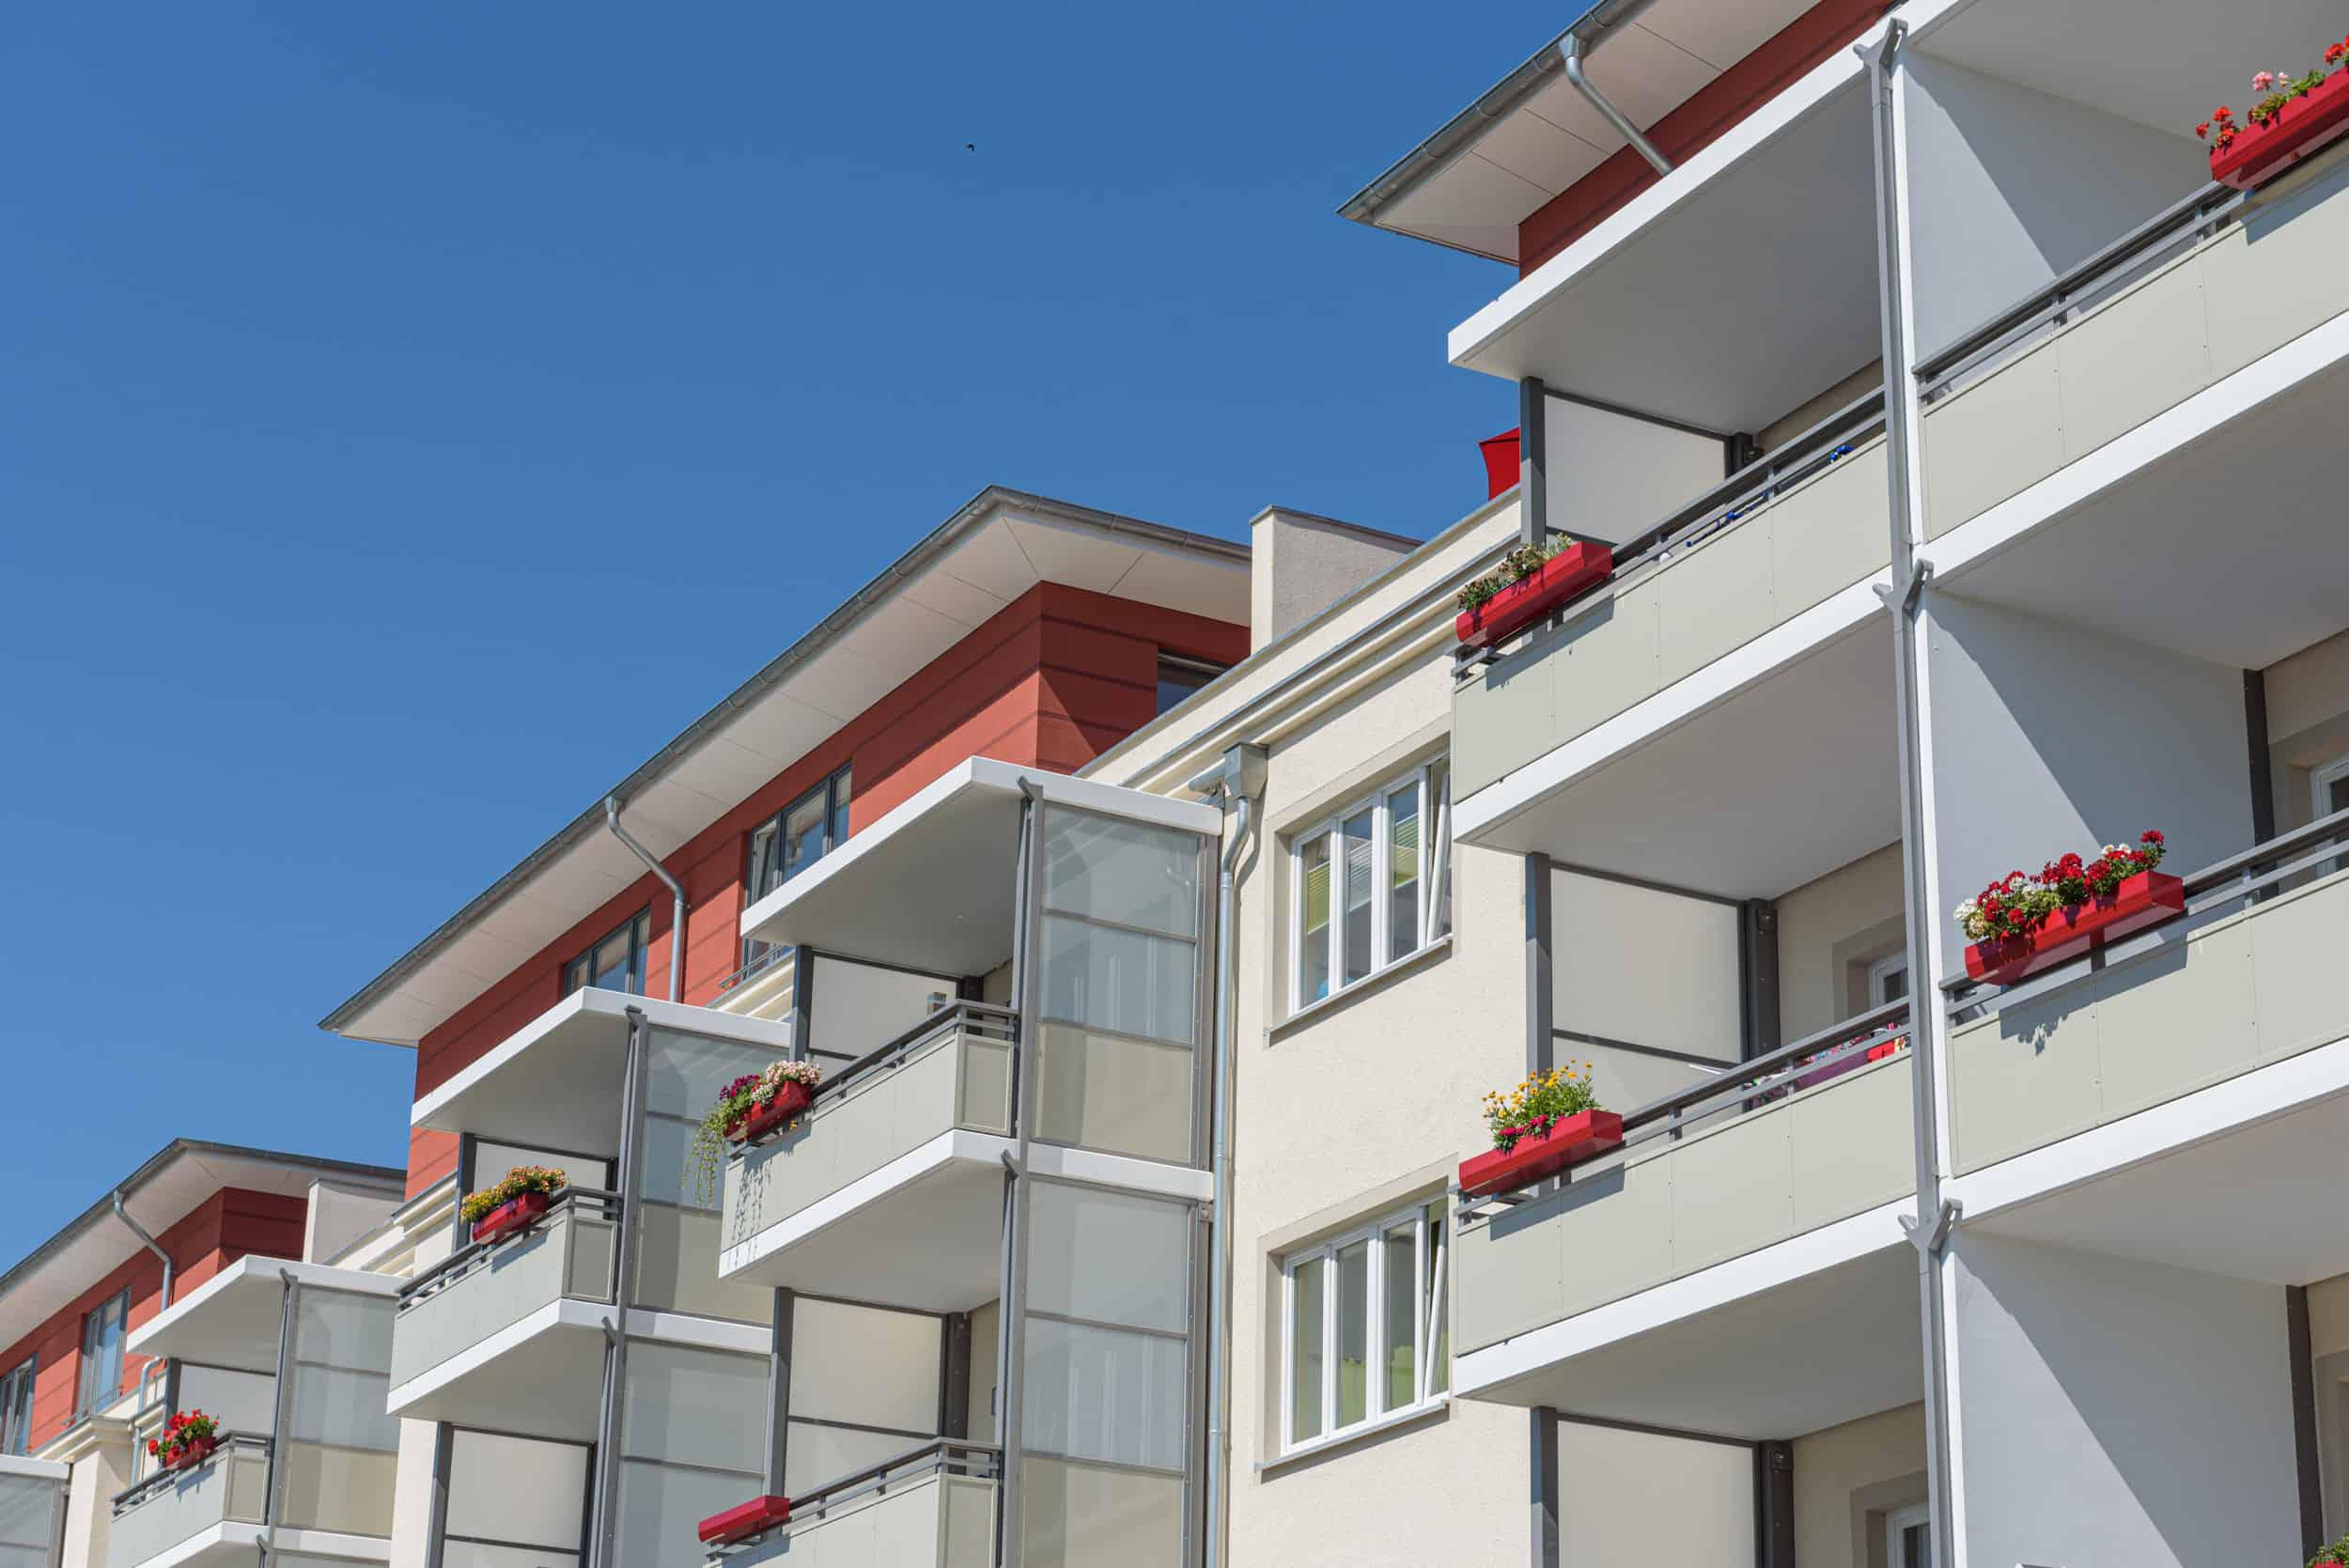 Wohnungsbau Kupfermühle Stralsund - Detail